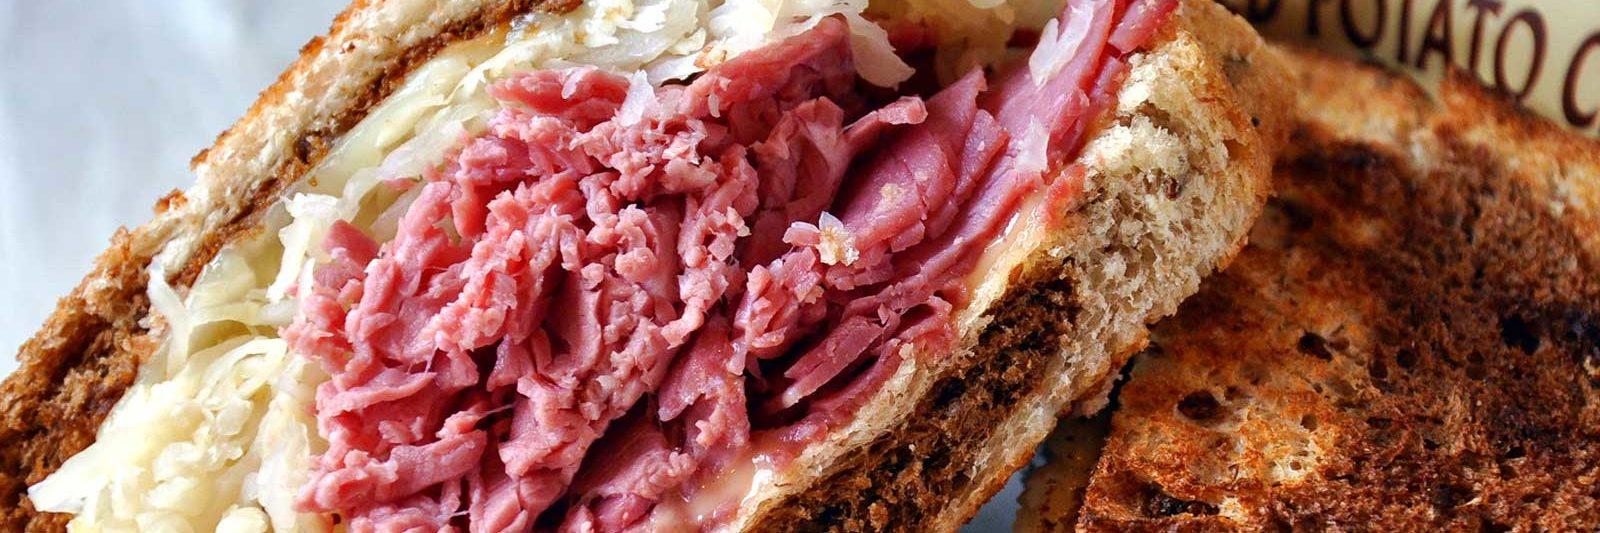 sandwich header